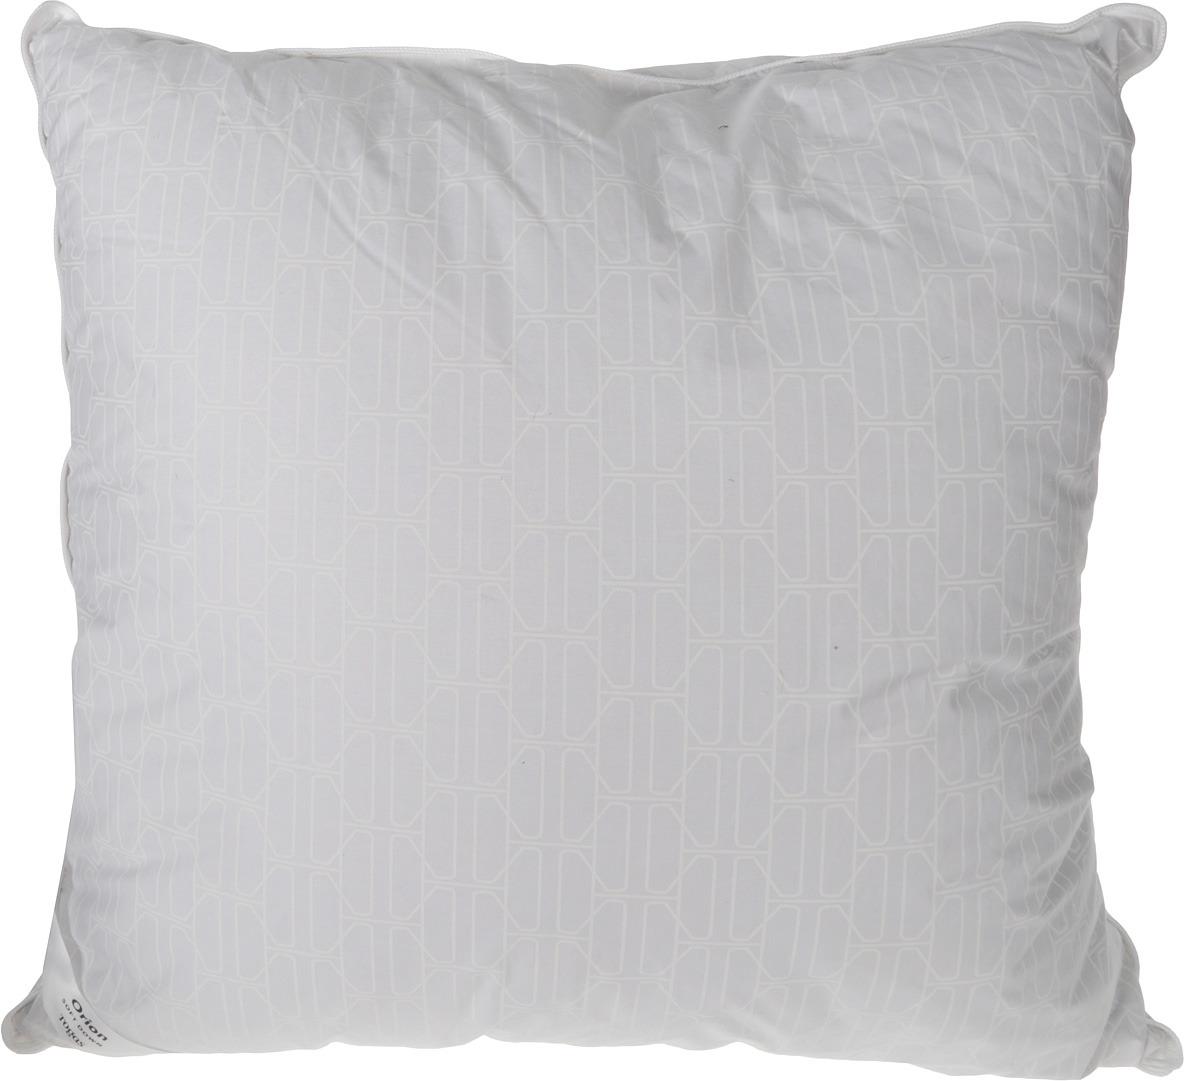 Подушка Togas Орион, наполнитель: пух, цвет: белый, 70 х 70 см подушка estia аоста наполнитель пух 70 х 70 см